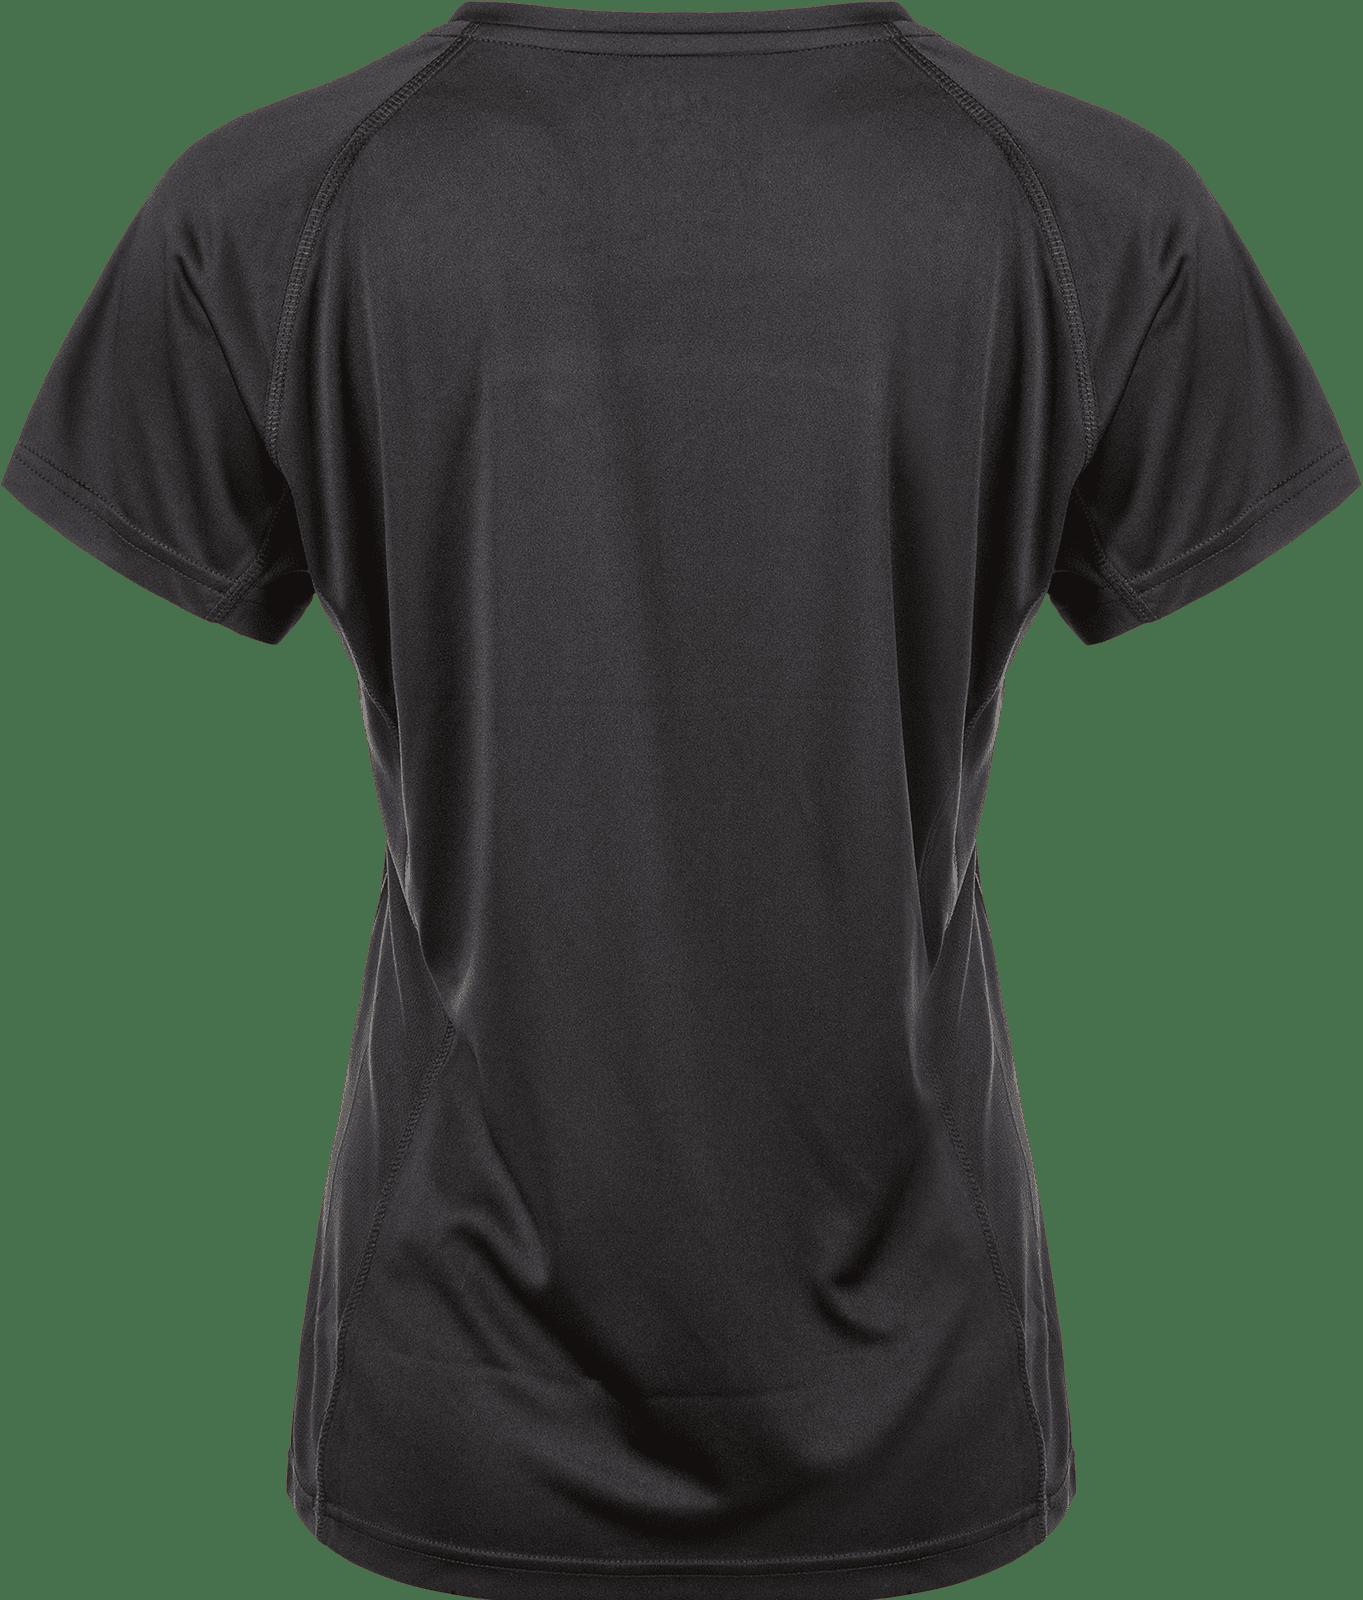 Forza Blingley  T-Shirt, 96 Black